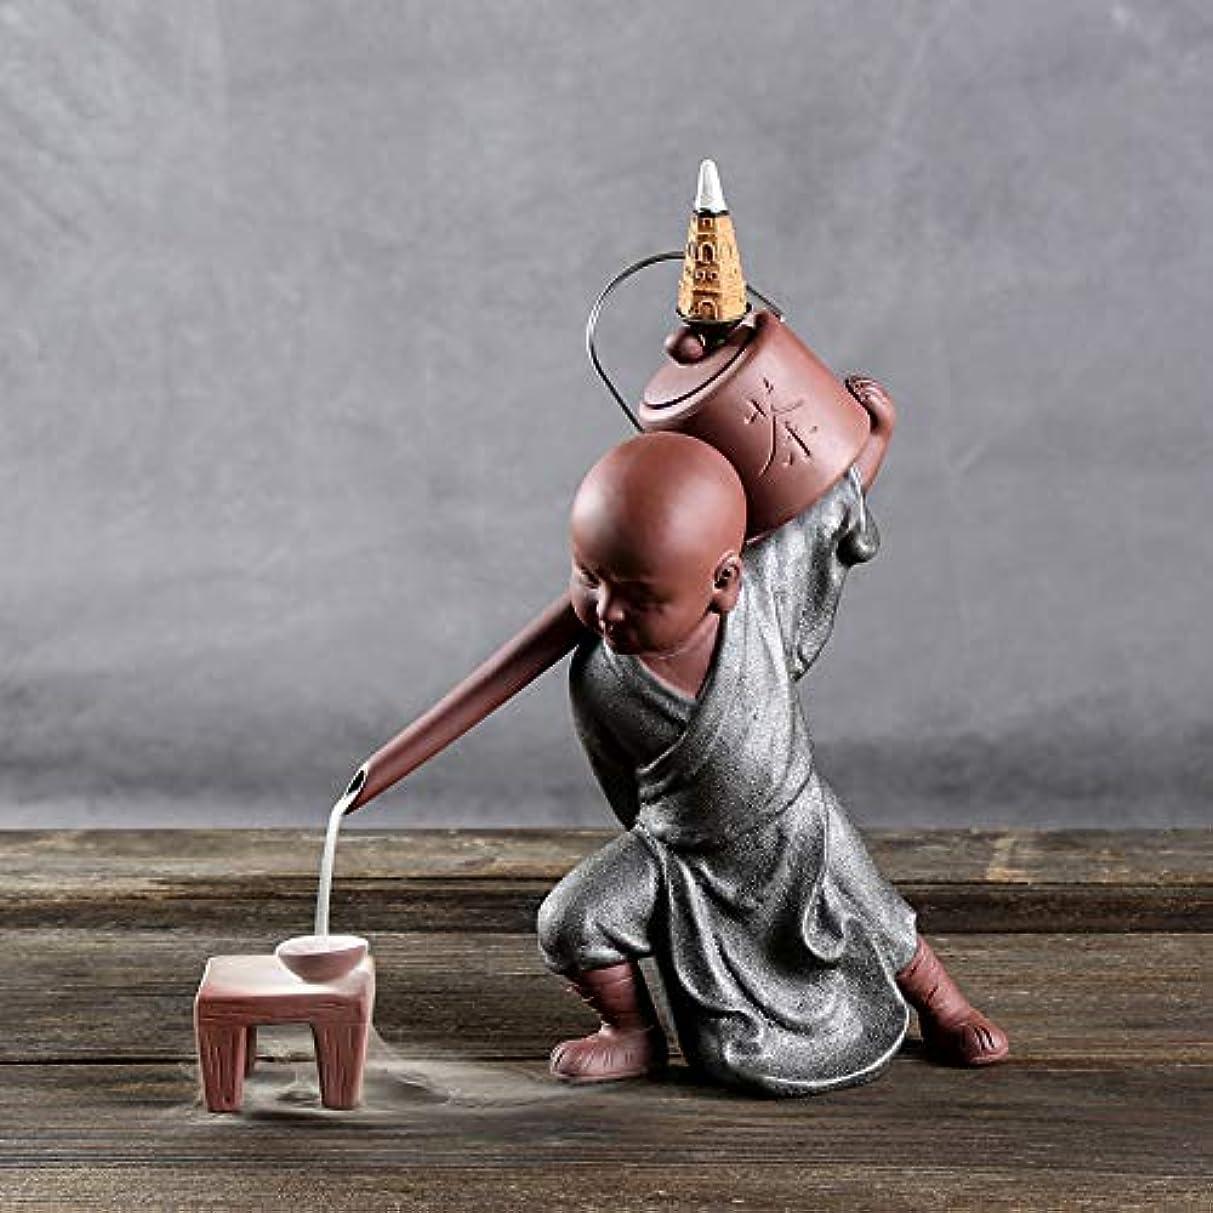 スマイル強風消去PHILOGOD 陶器香炉 セラミックスポッター逆流香炉 僧侶は水を注ぐモデリング仏壇用香炉 お香 ホルダー (style2)